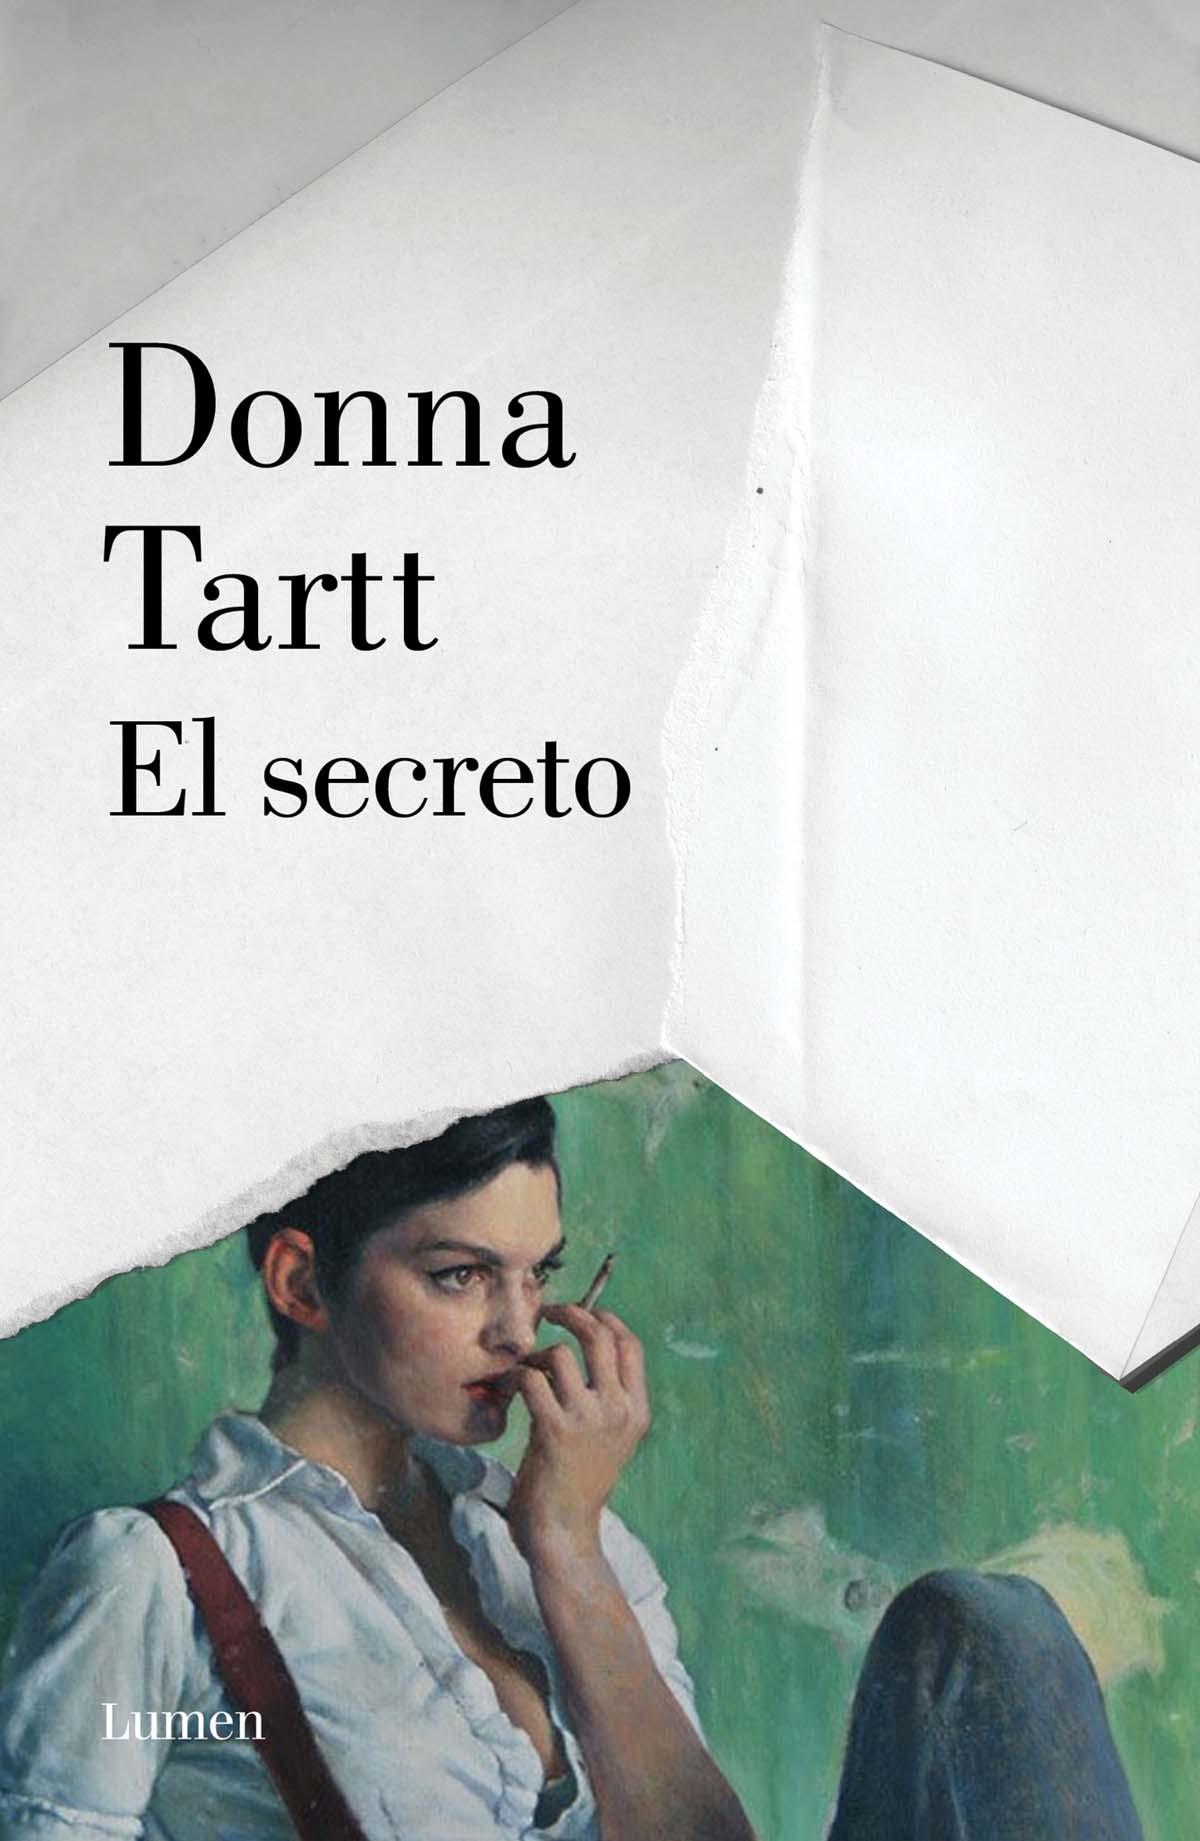 El secretode Donna Tartt